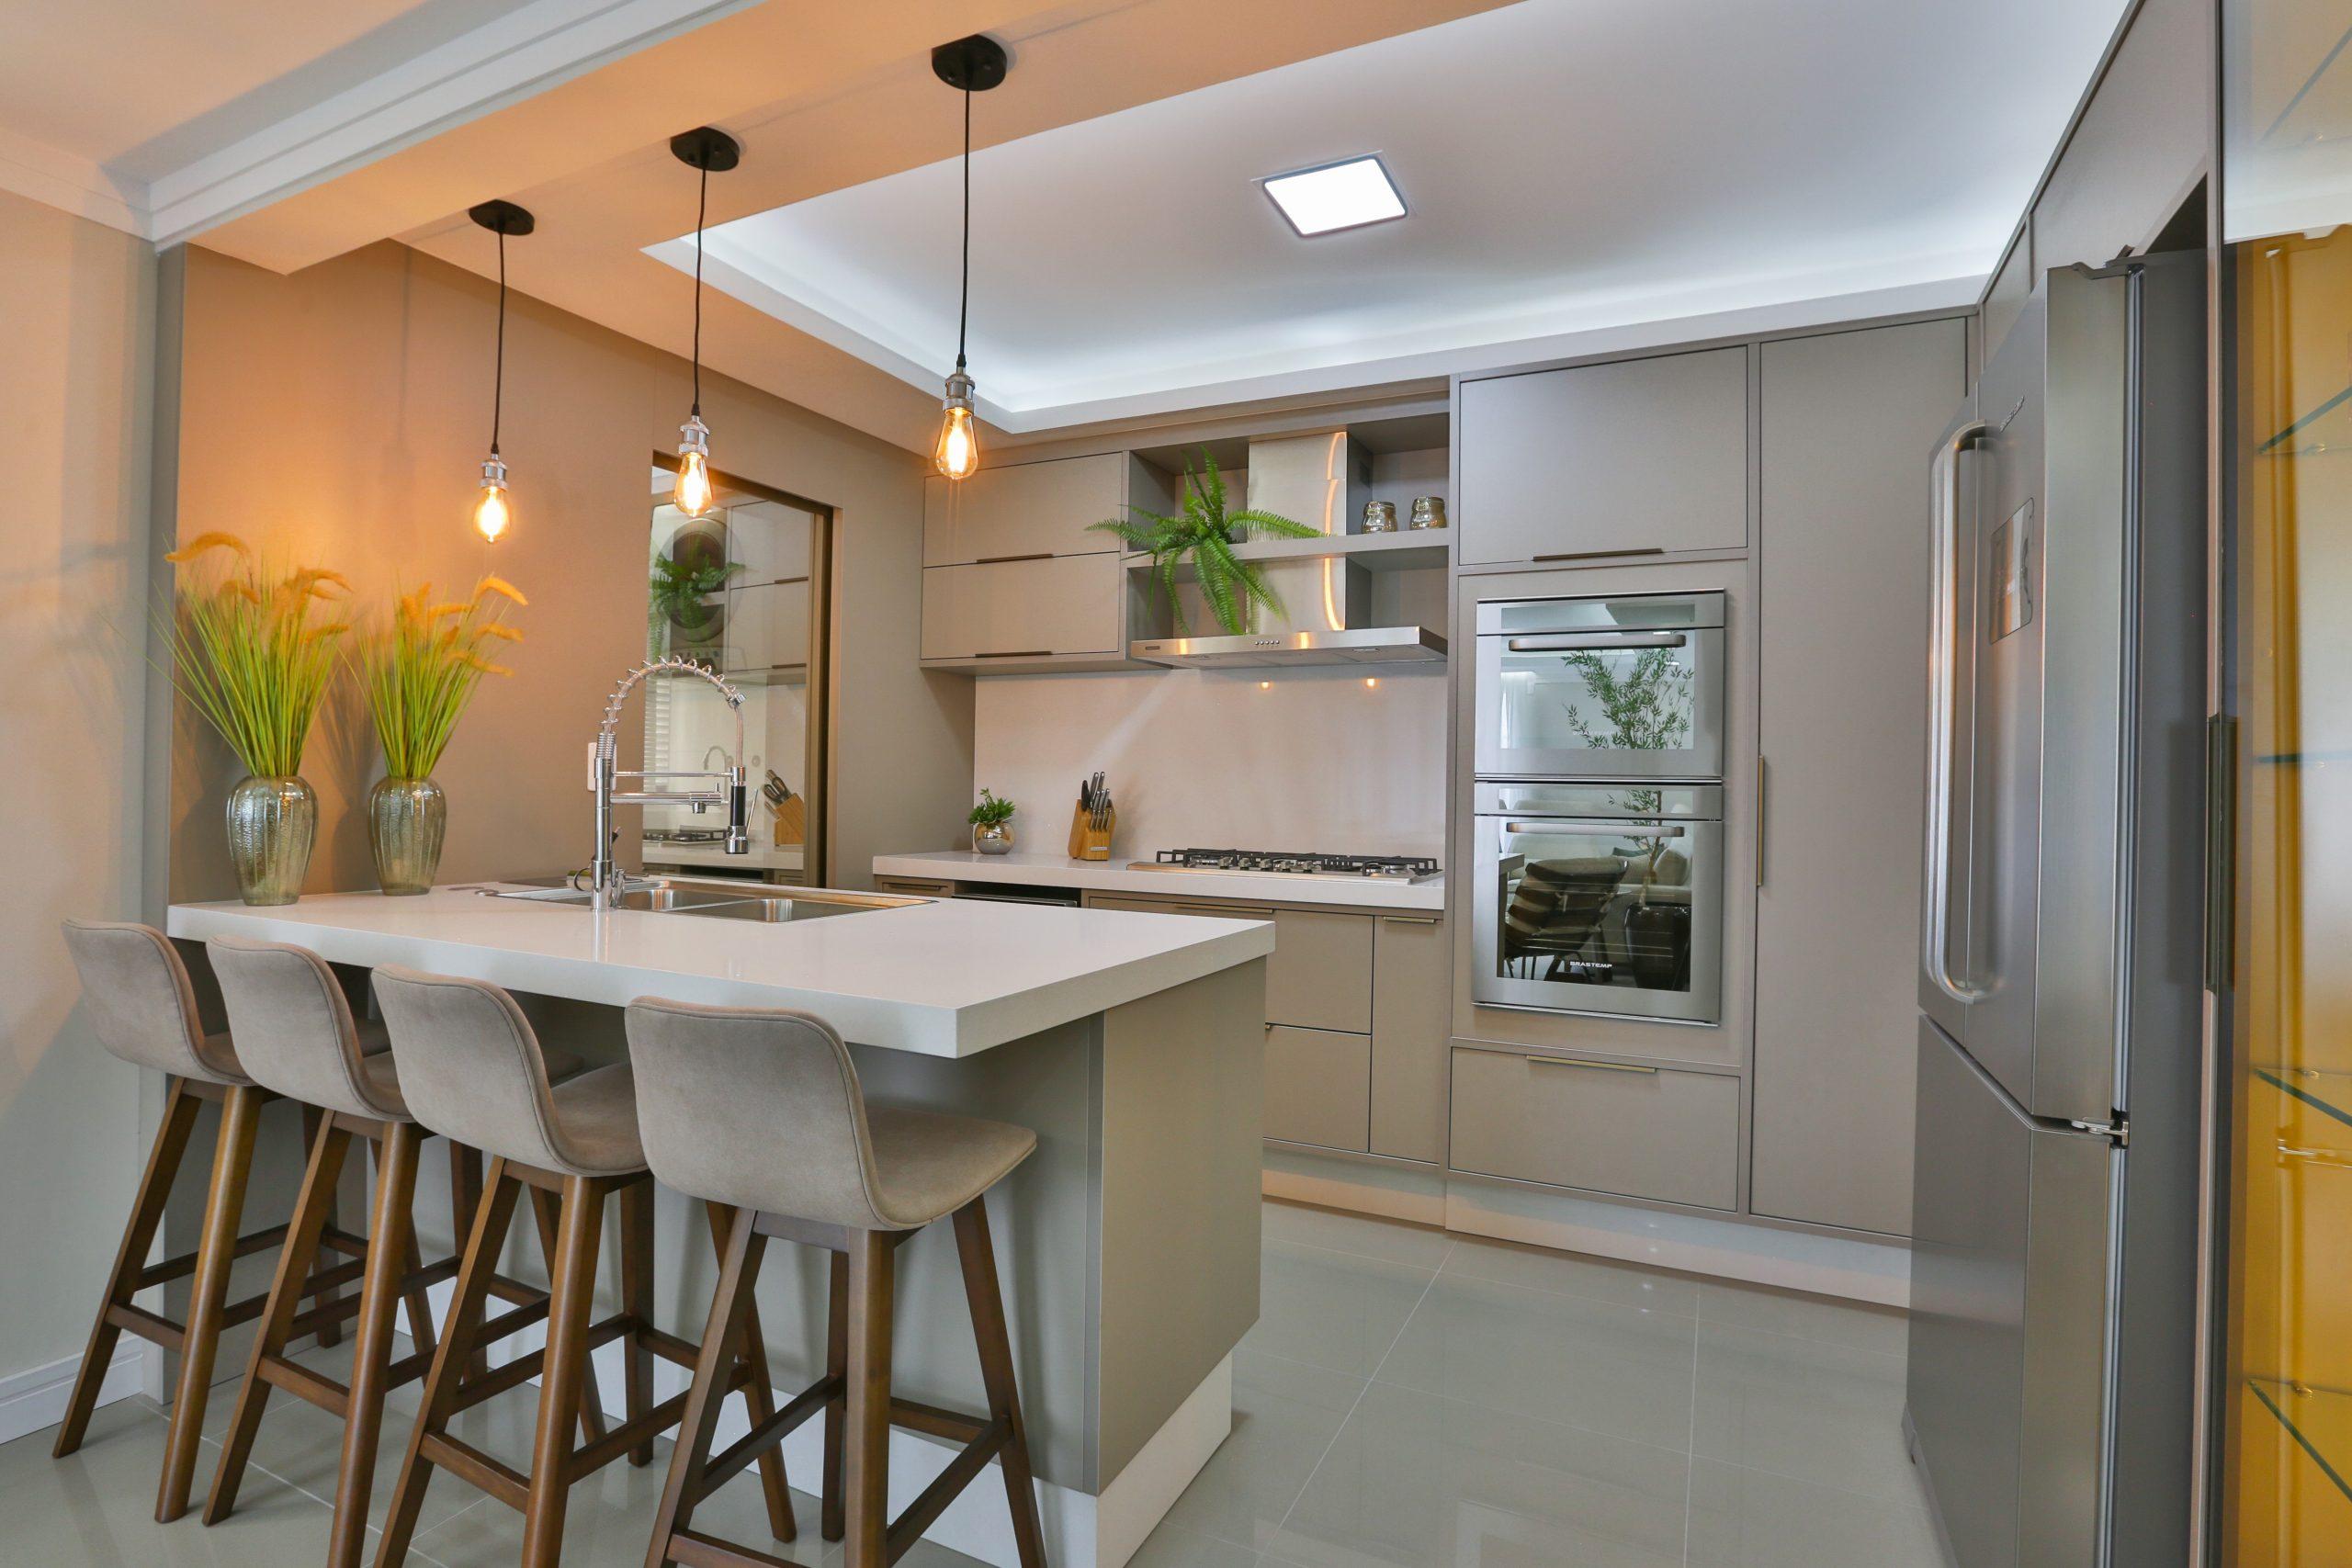 cozinha planejado moveis personalizados cozinha sob medida